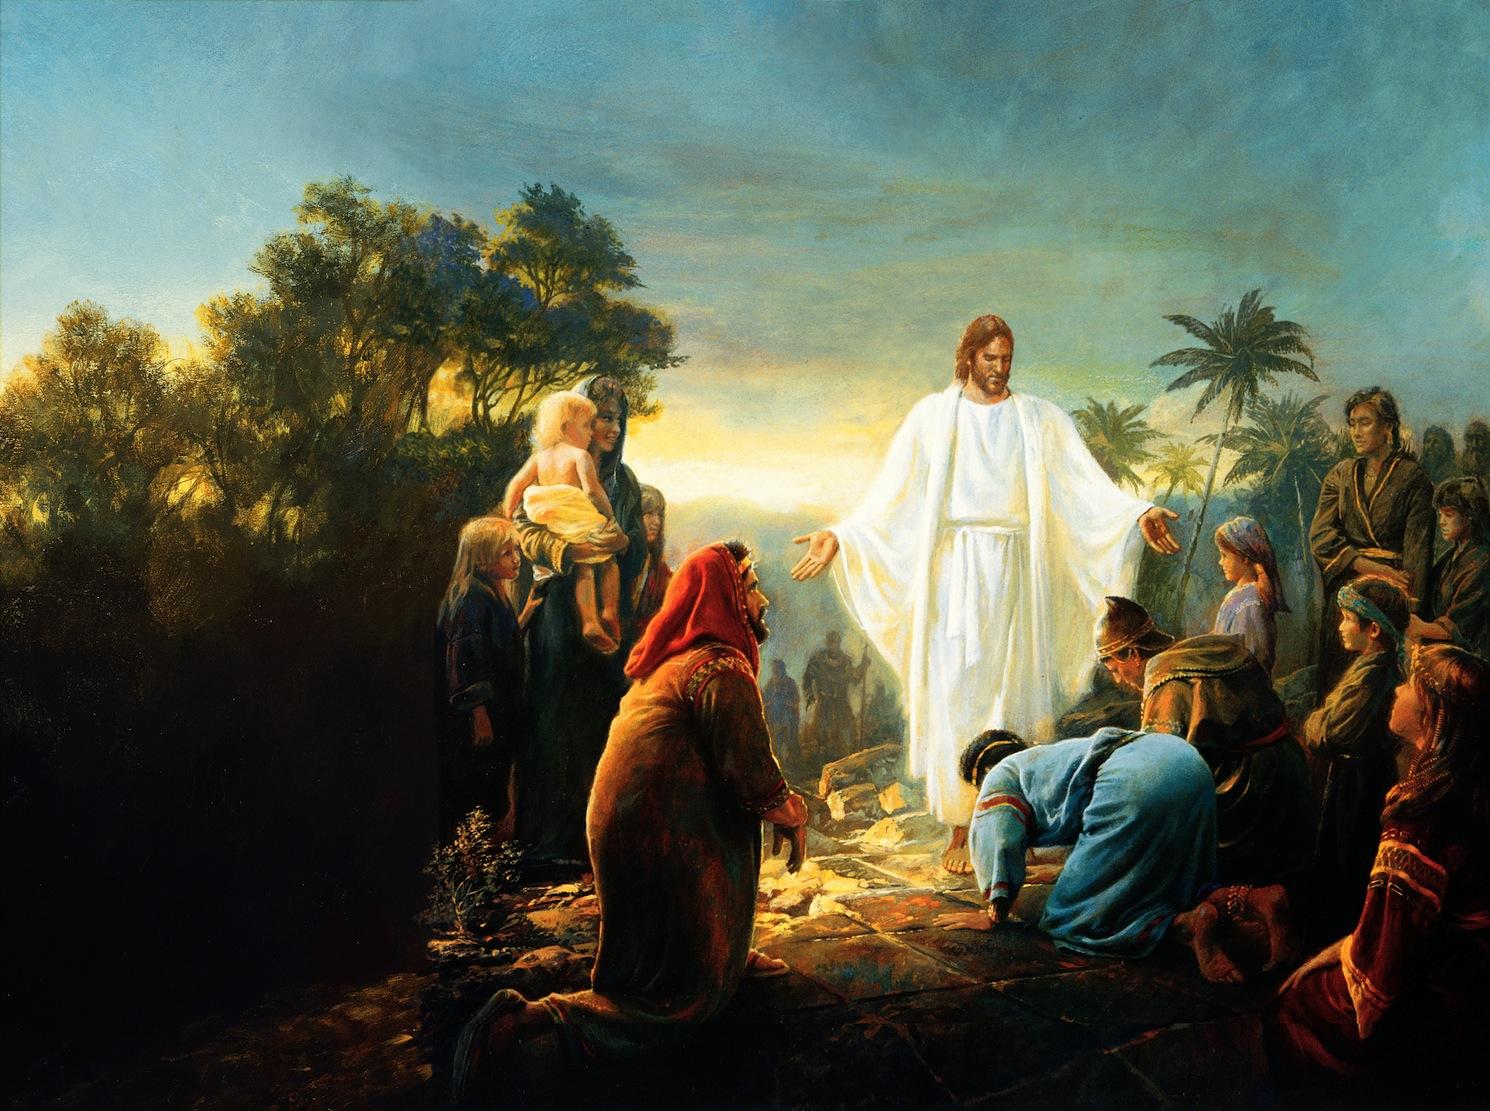 Картинки из евангельских притч рассказывается о человеке